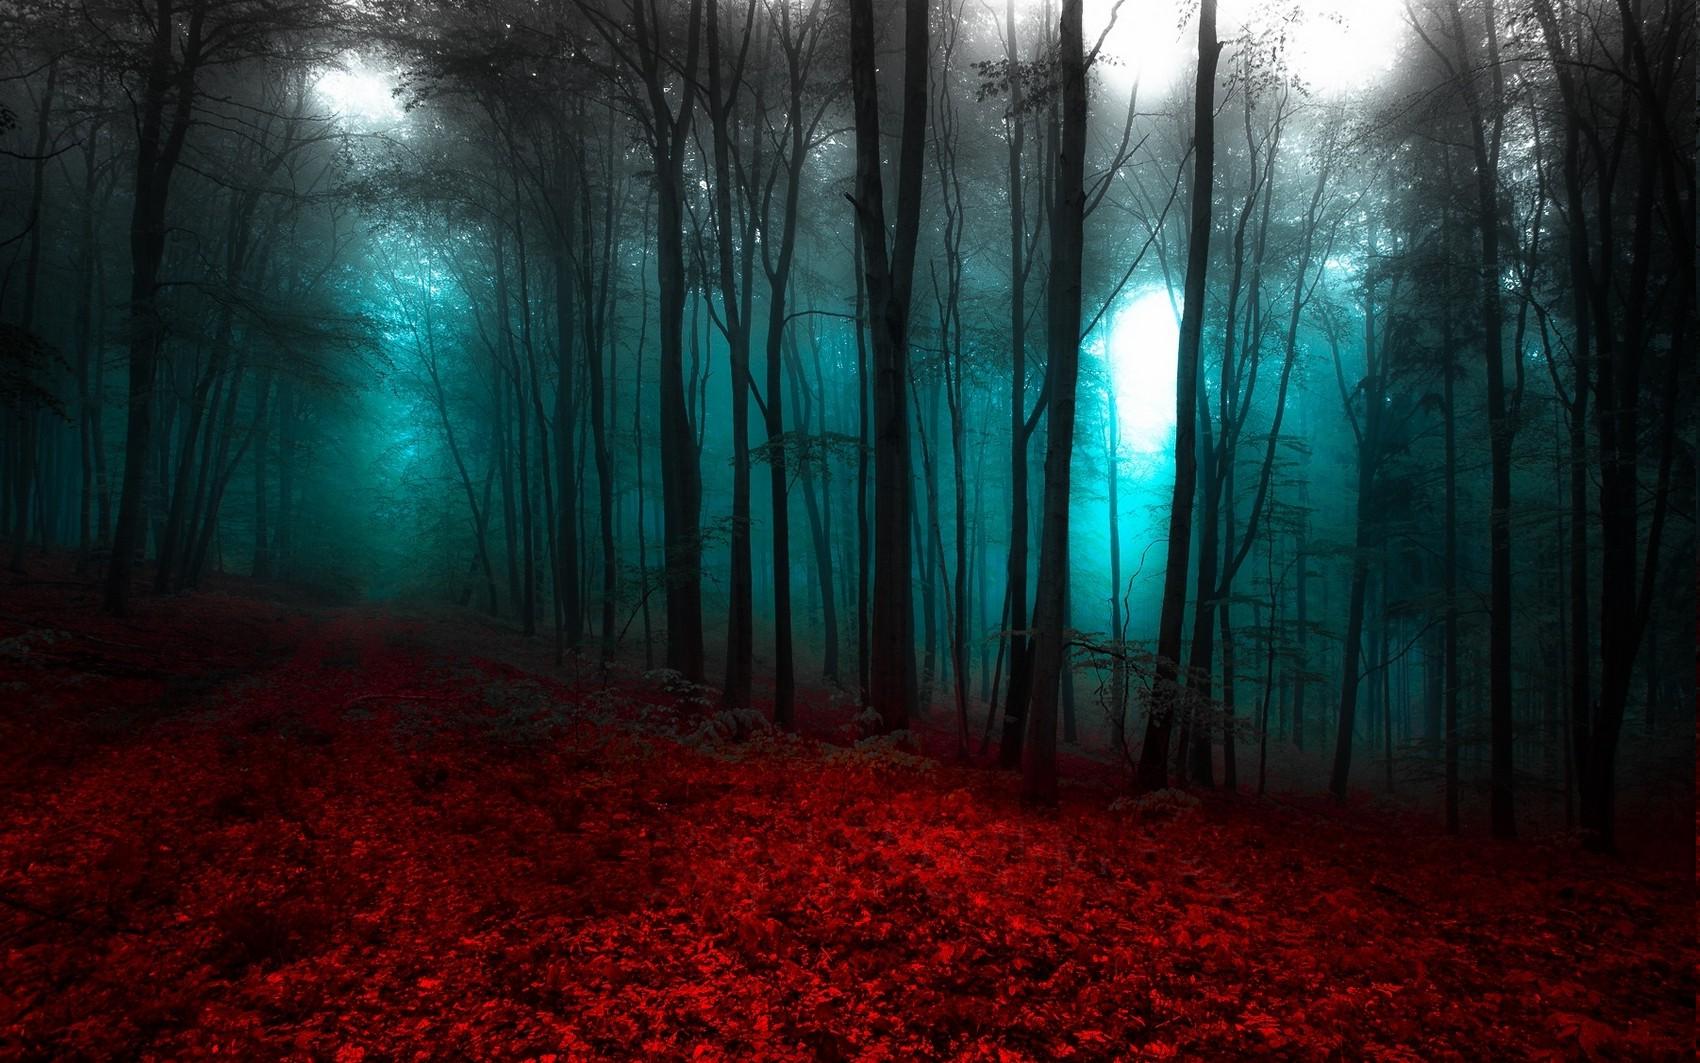 картинки красивые мрак думаю